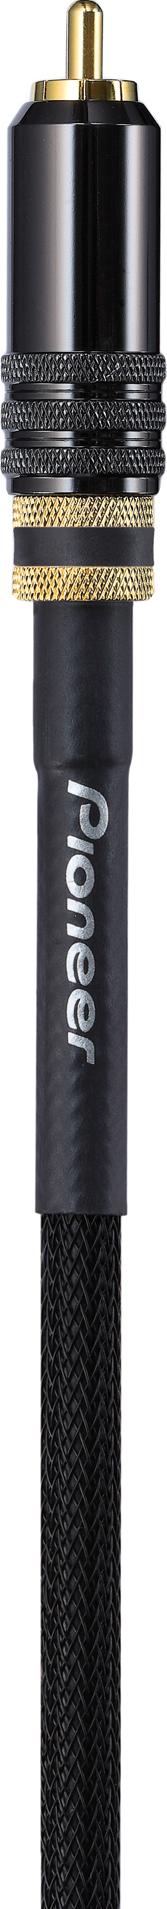 DAS-DGC020R